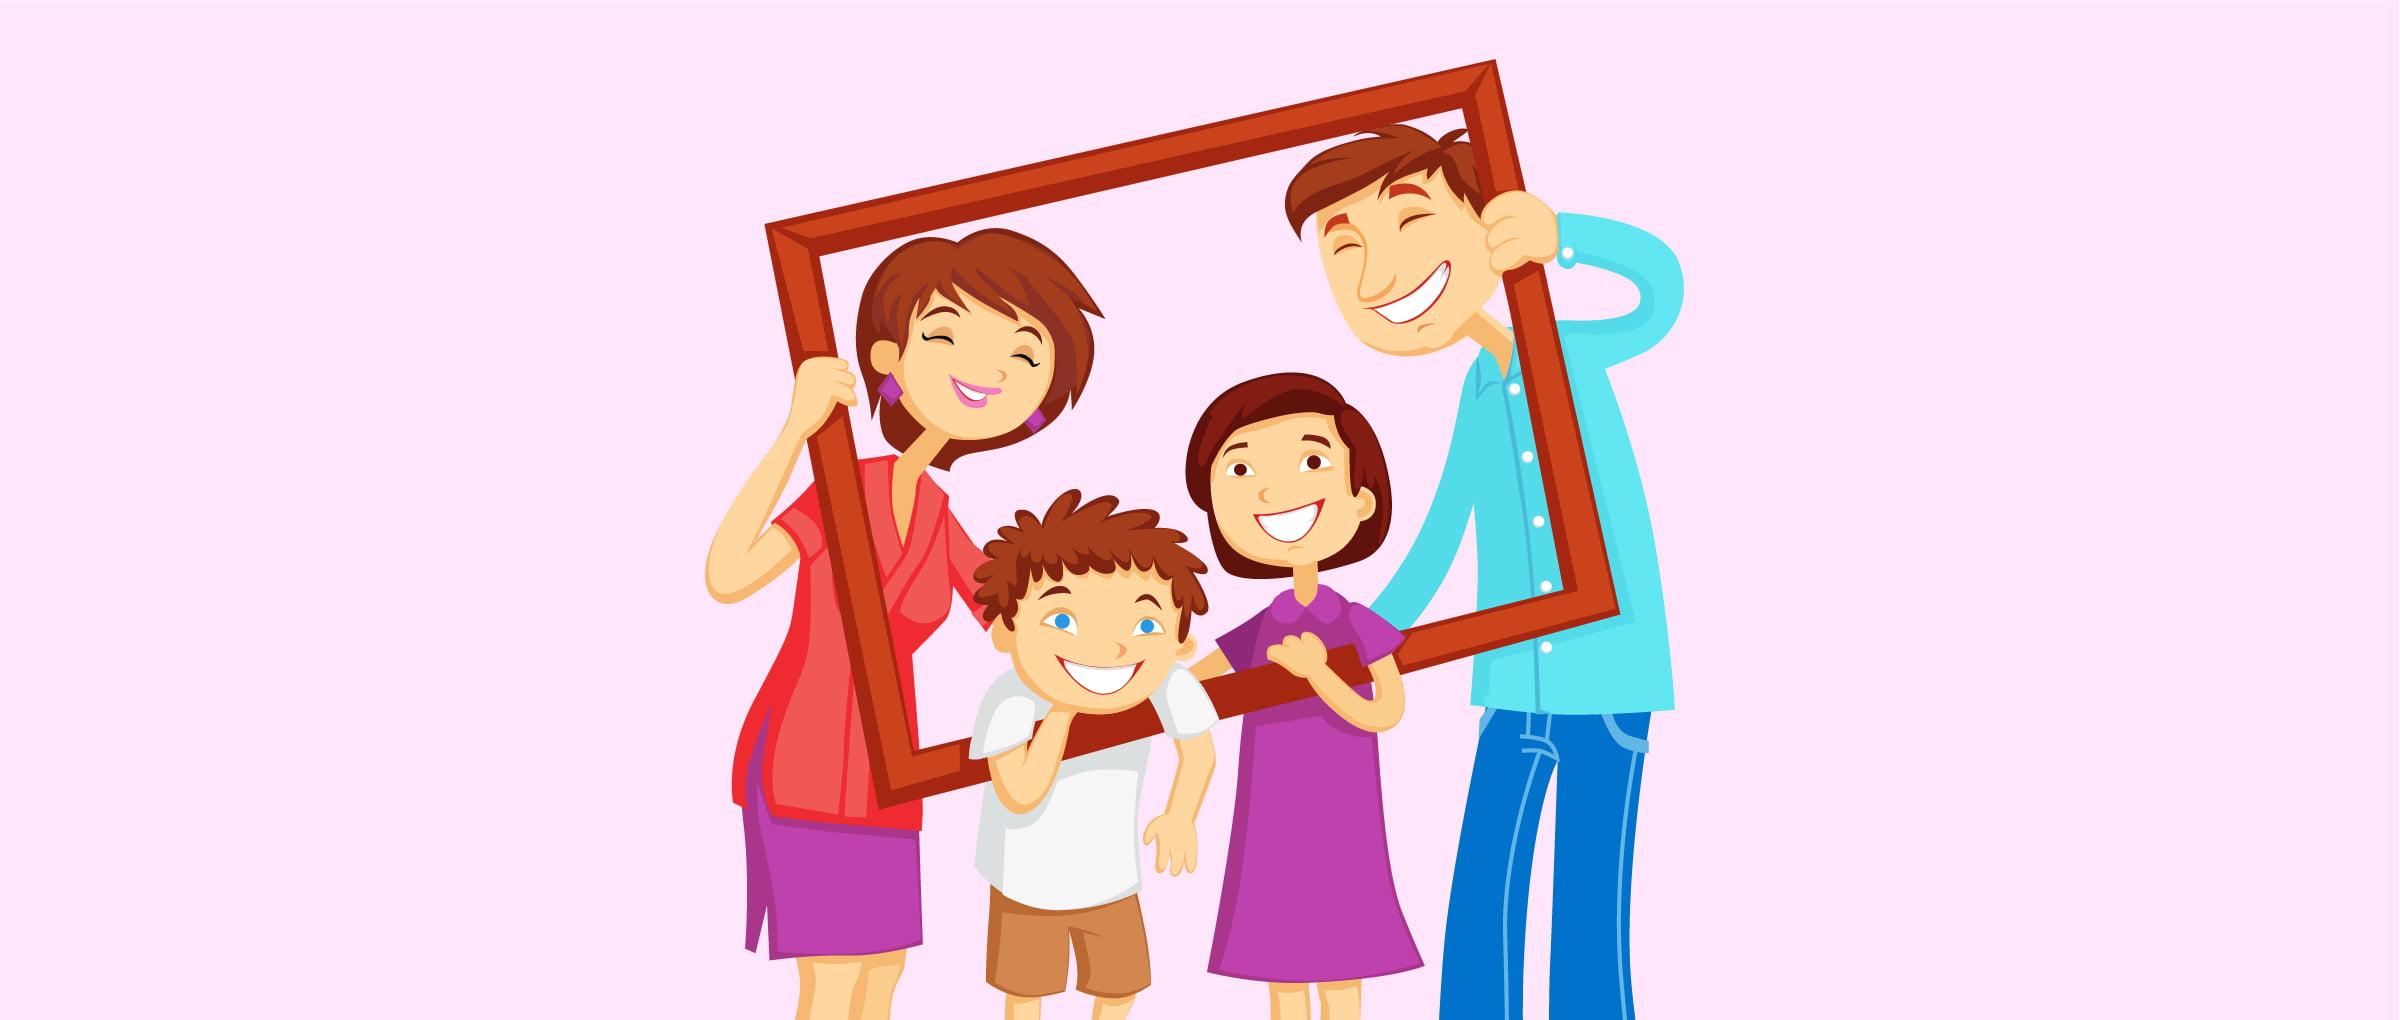 Enfants nés d'un don d'ovocytes: ressemblance et impact psychologique